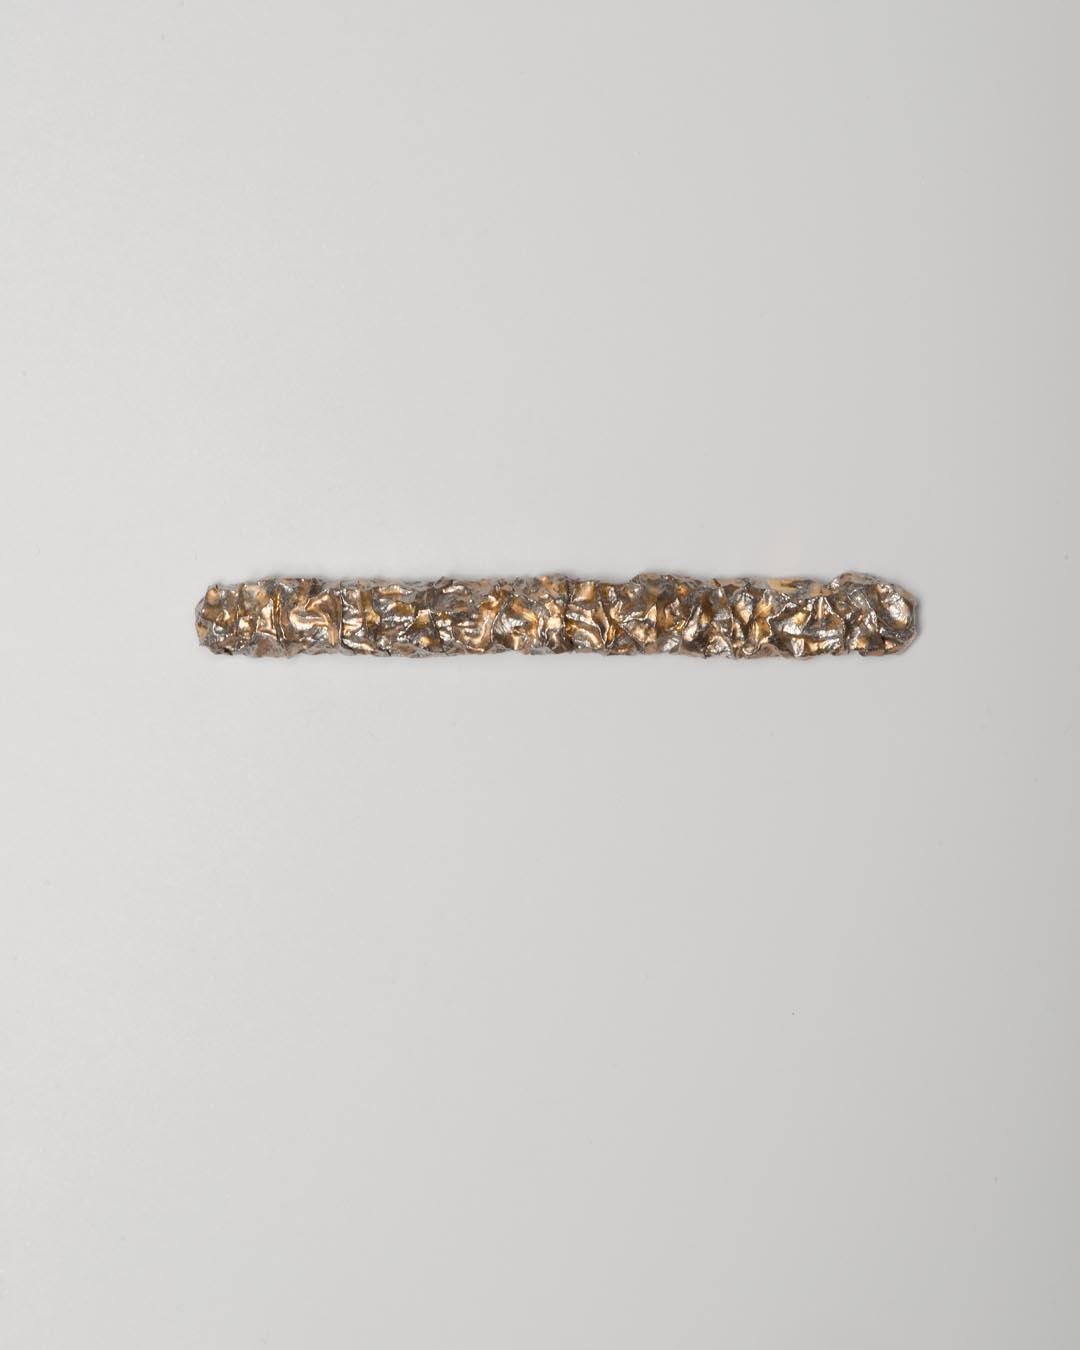 Yasuki Hiramatsu, untitled, brooch; platinum, 24ct gold, €3250